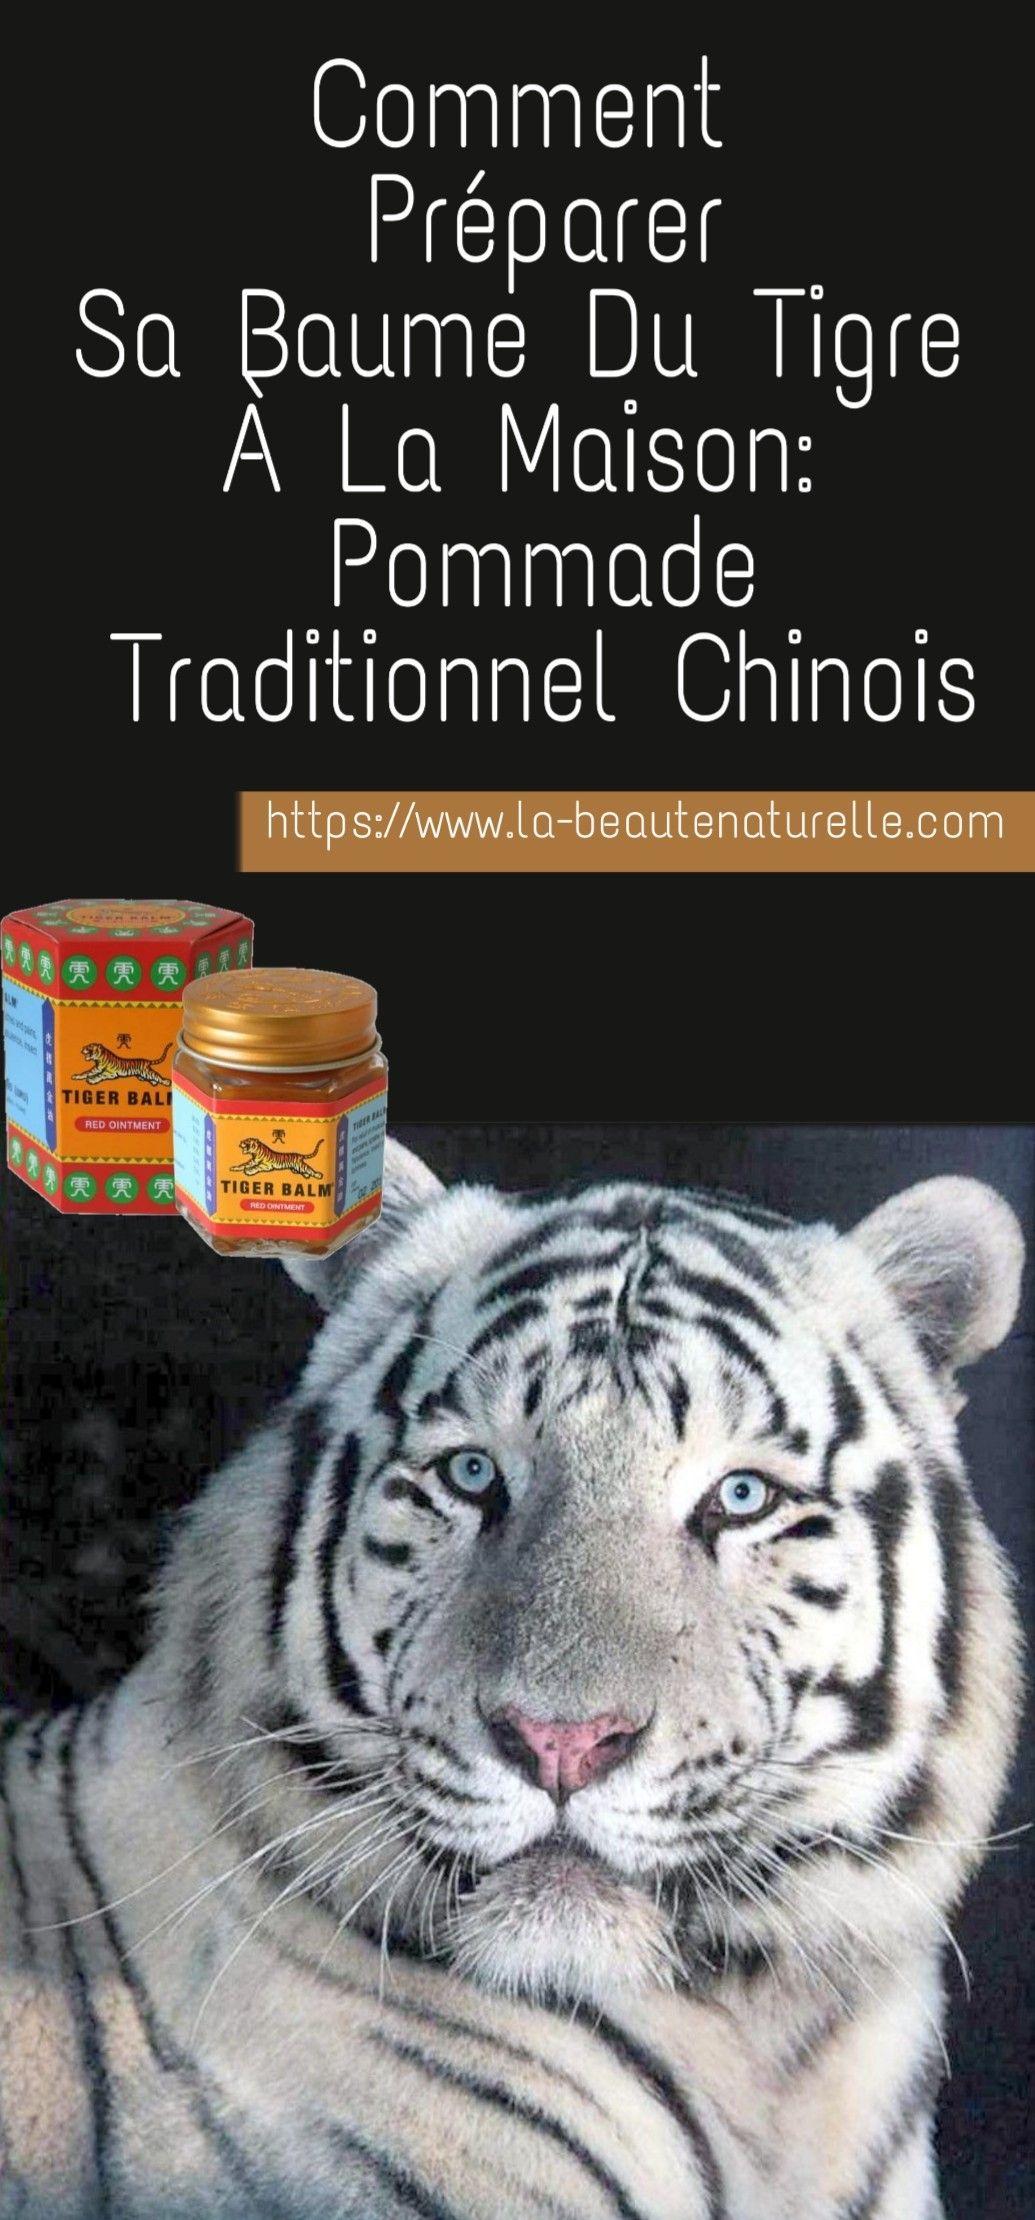 perte de poids de baume du tigre